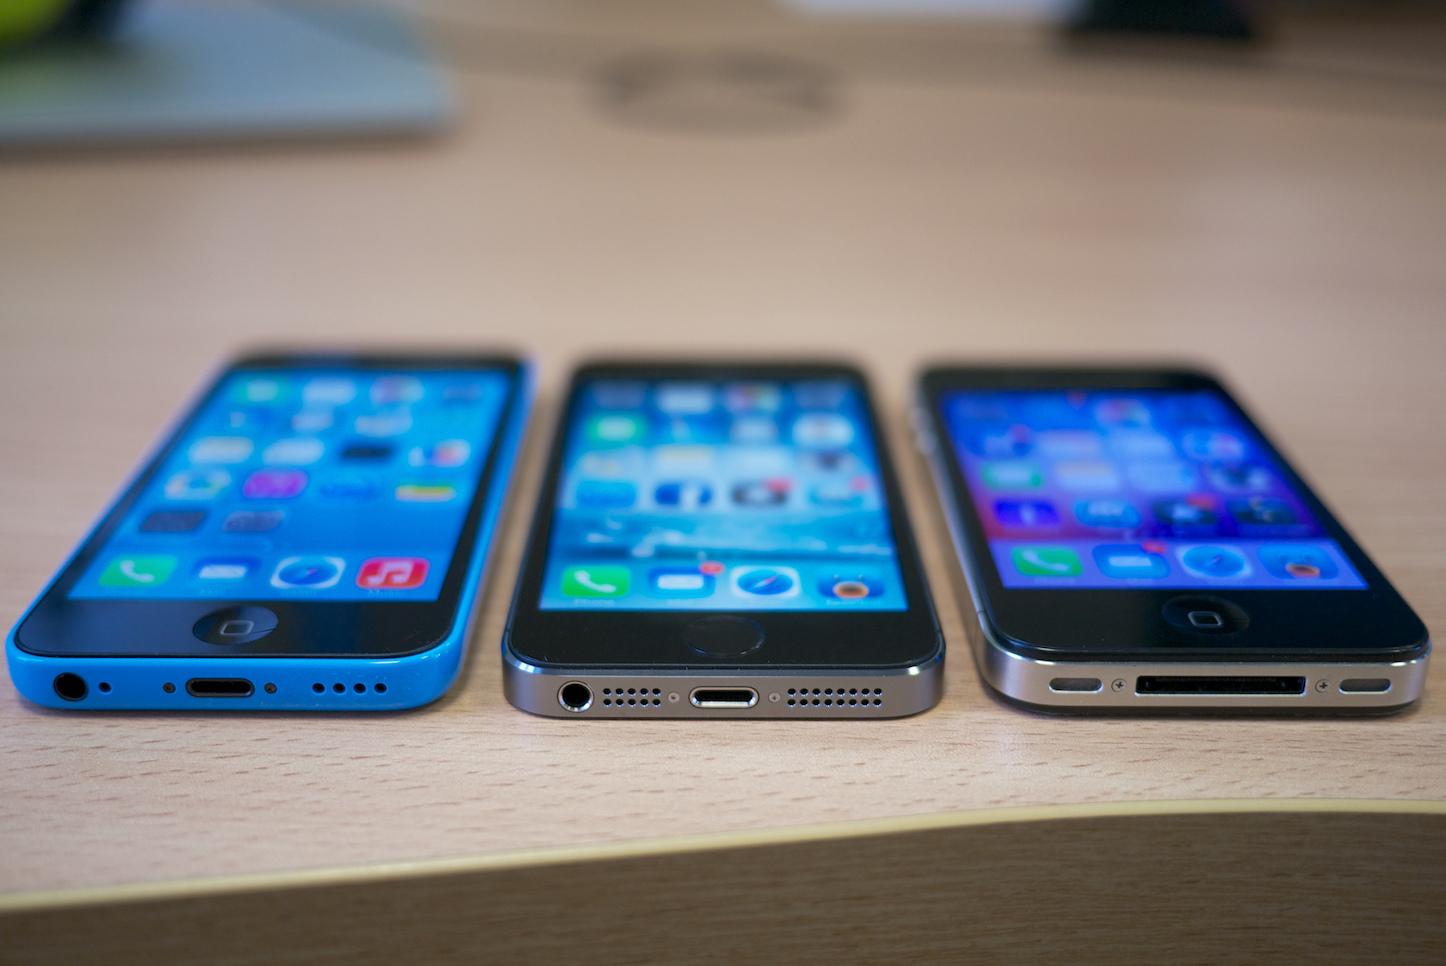 Iphone5s 5c 4s